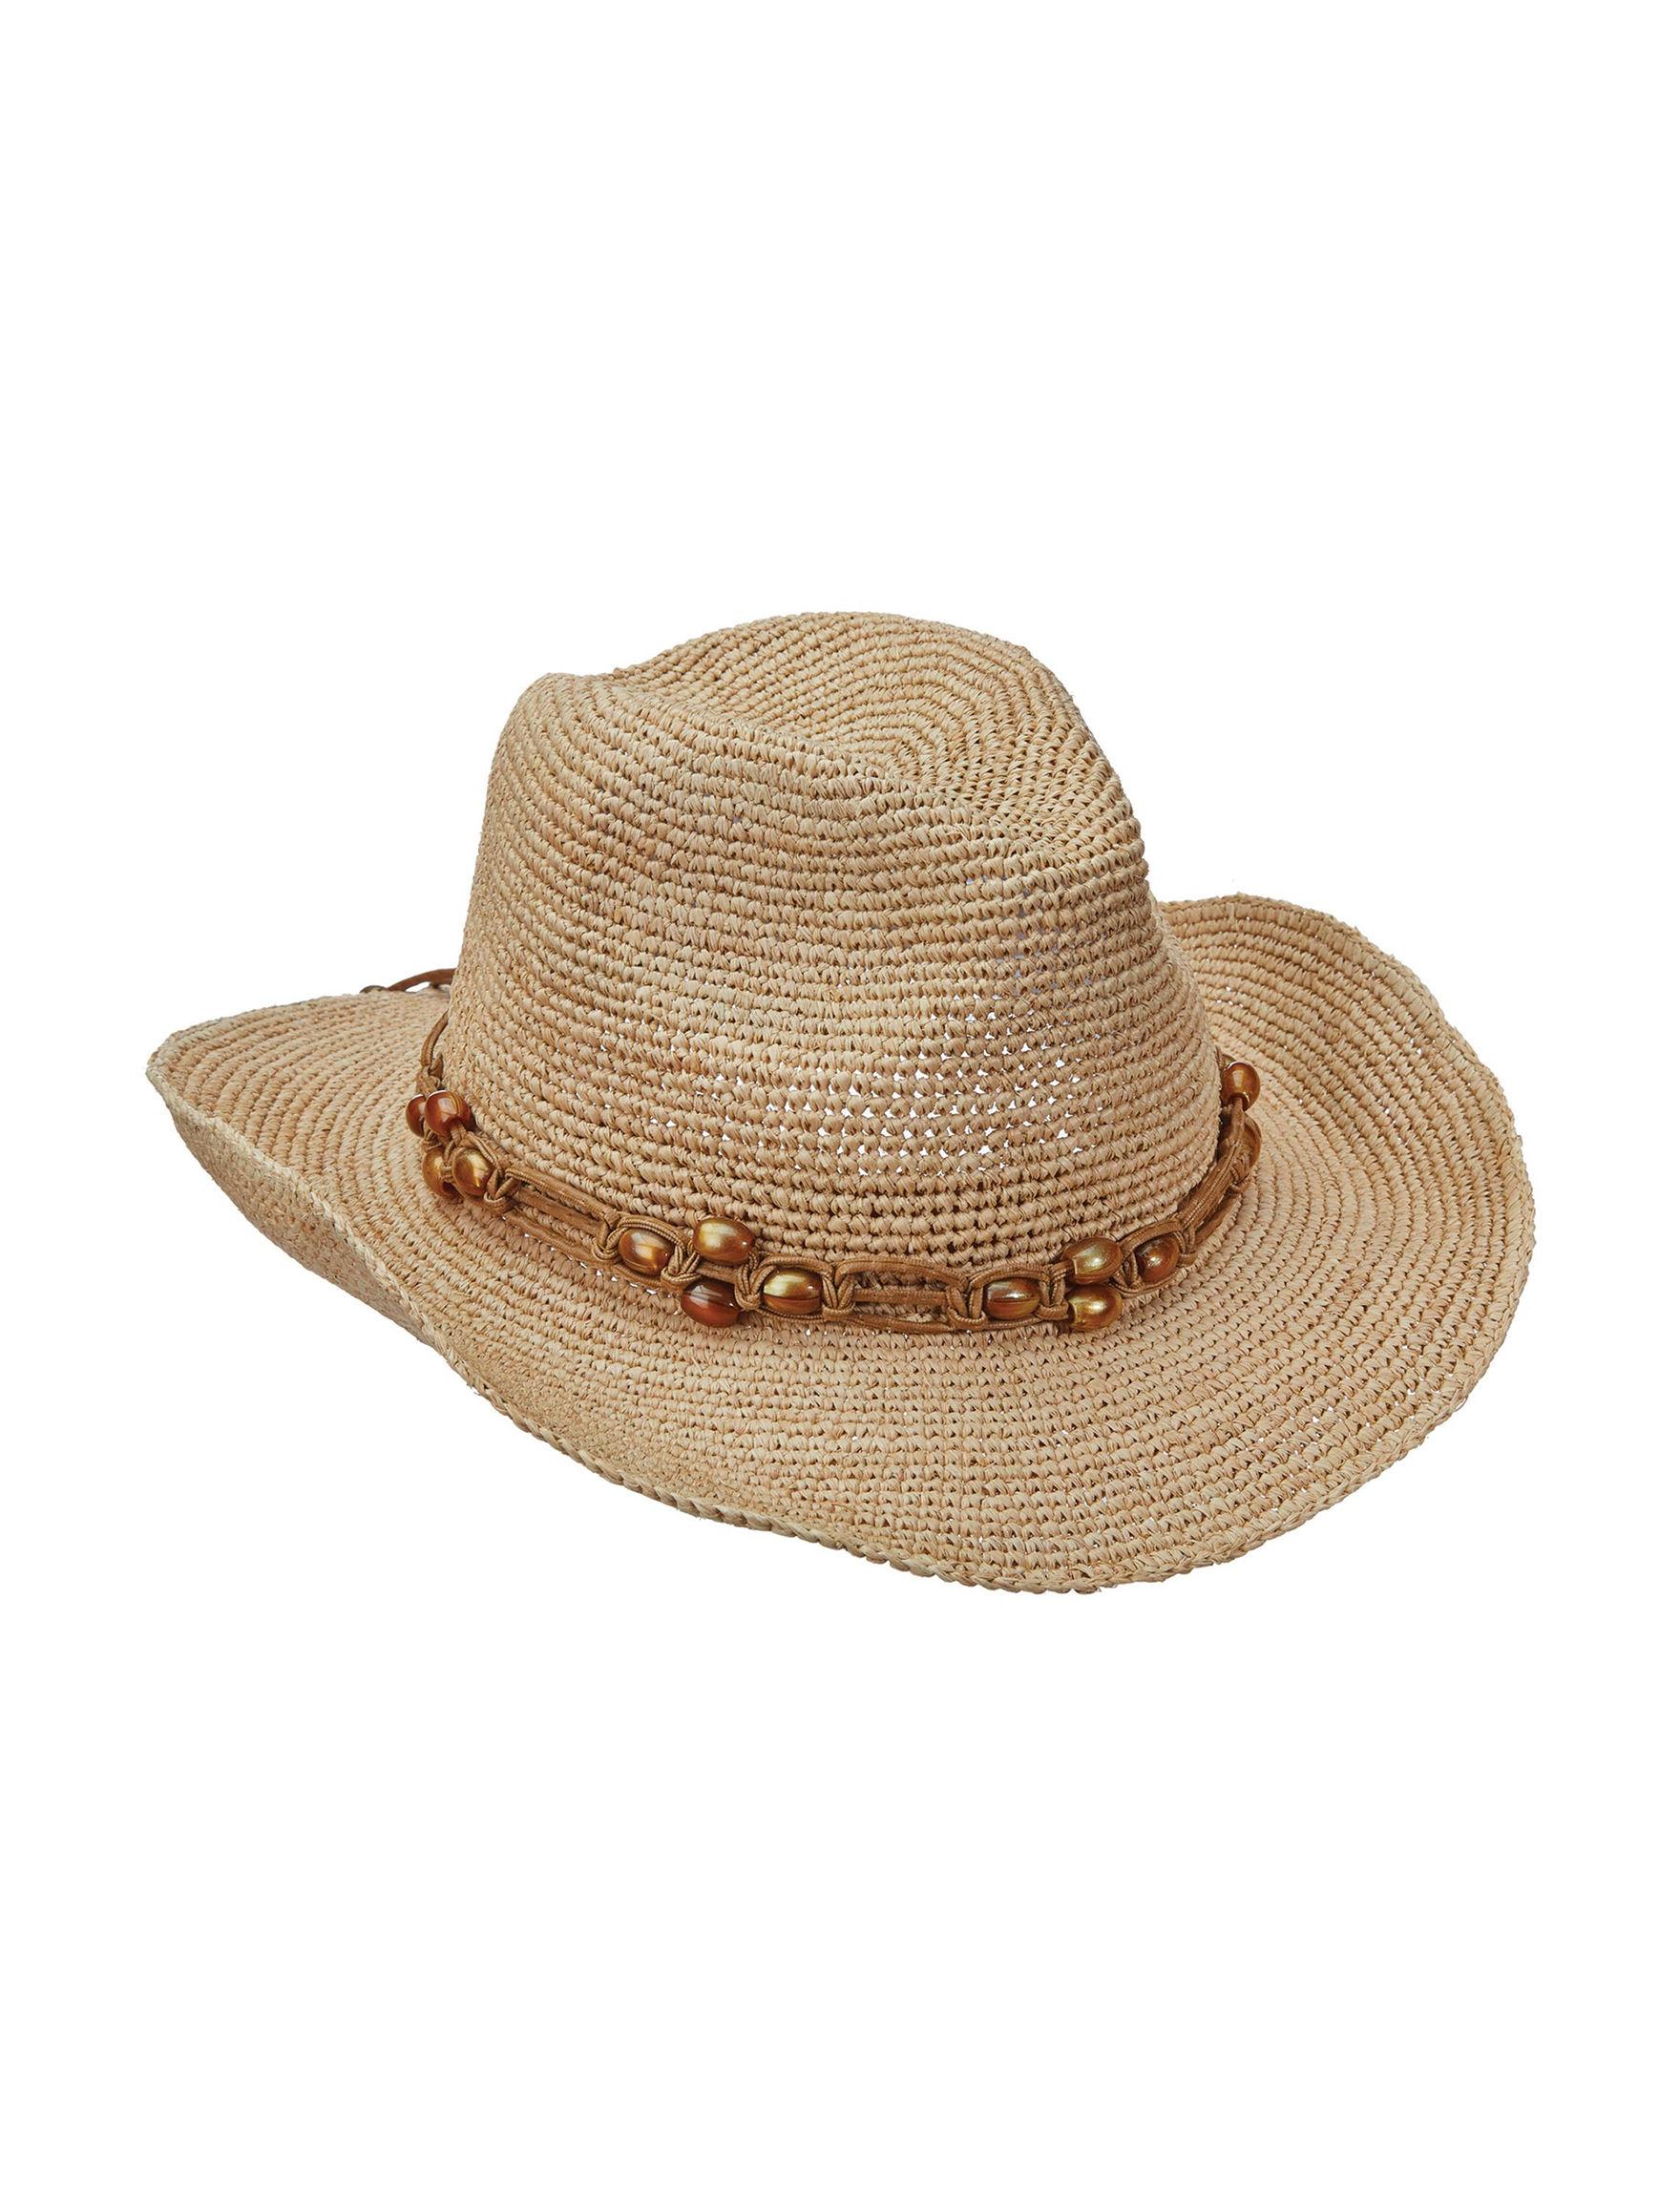 Scala Natural Hats & Headwear